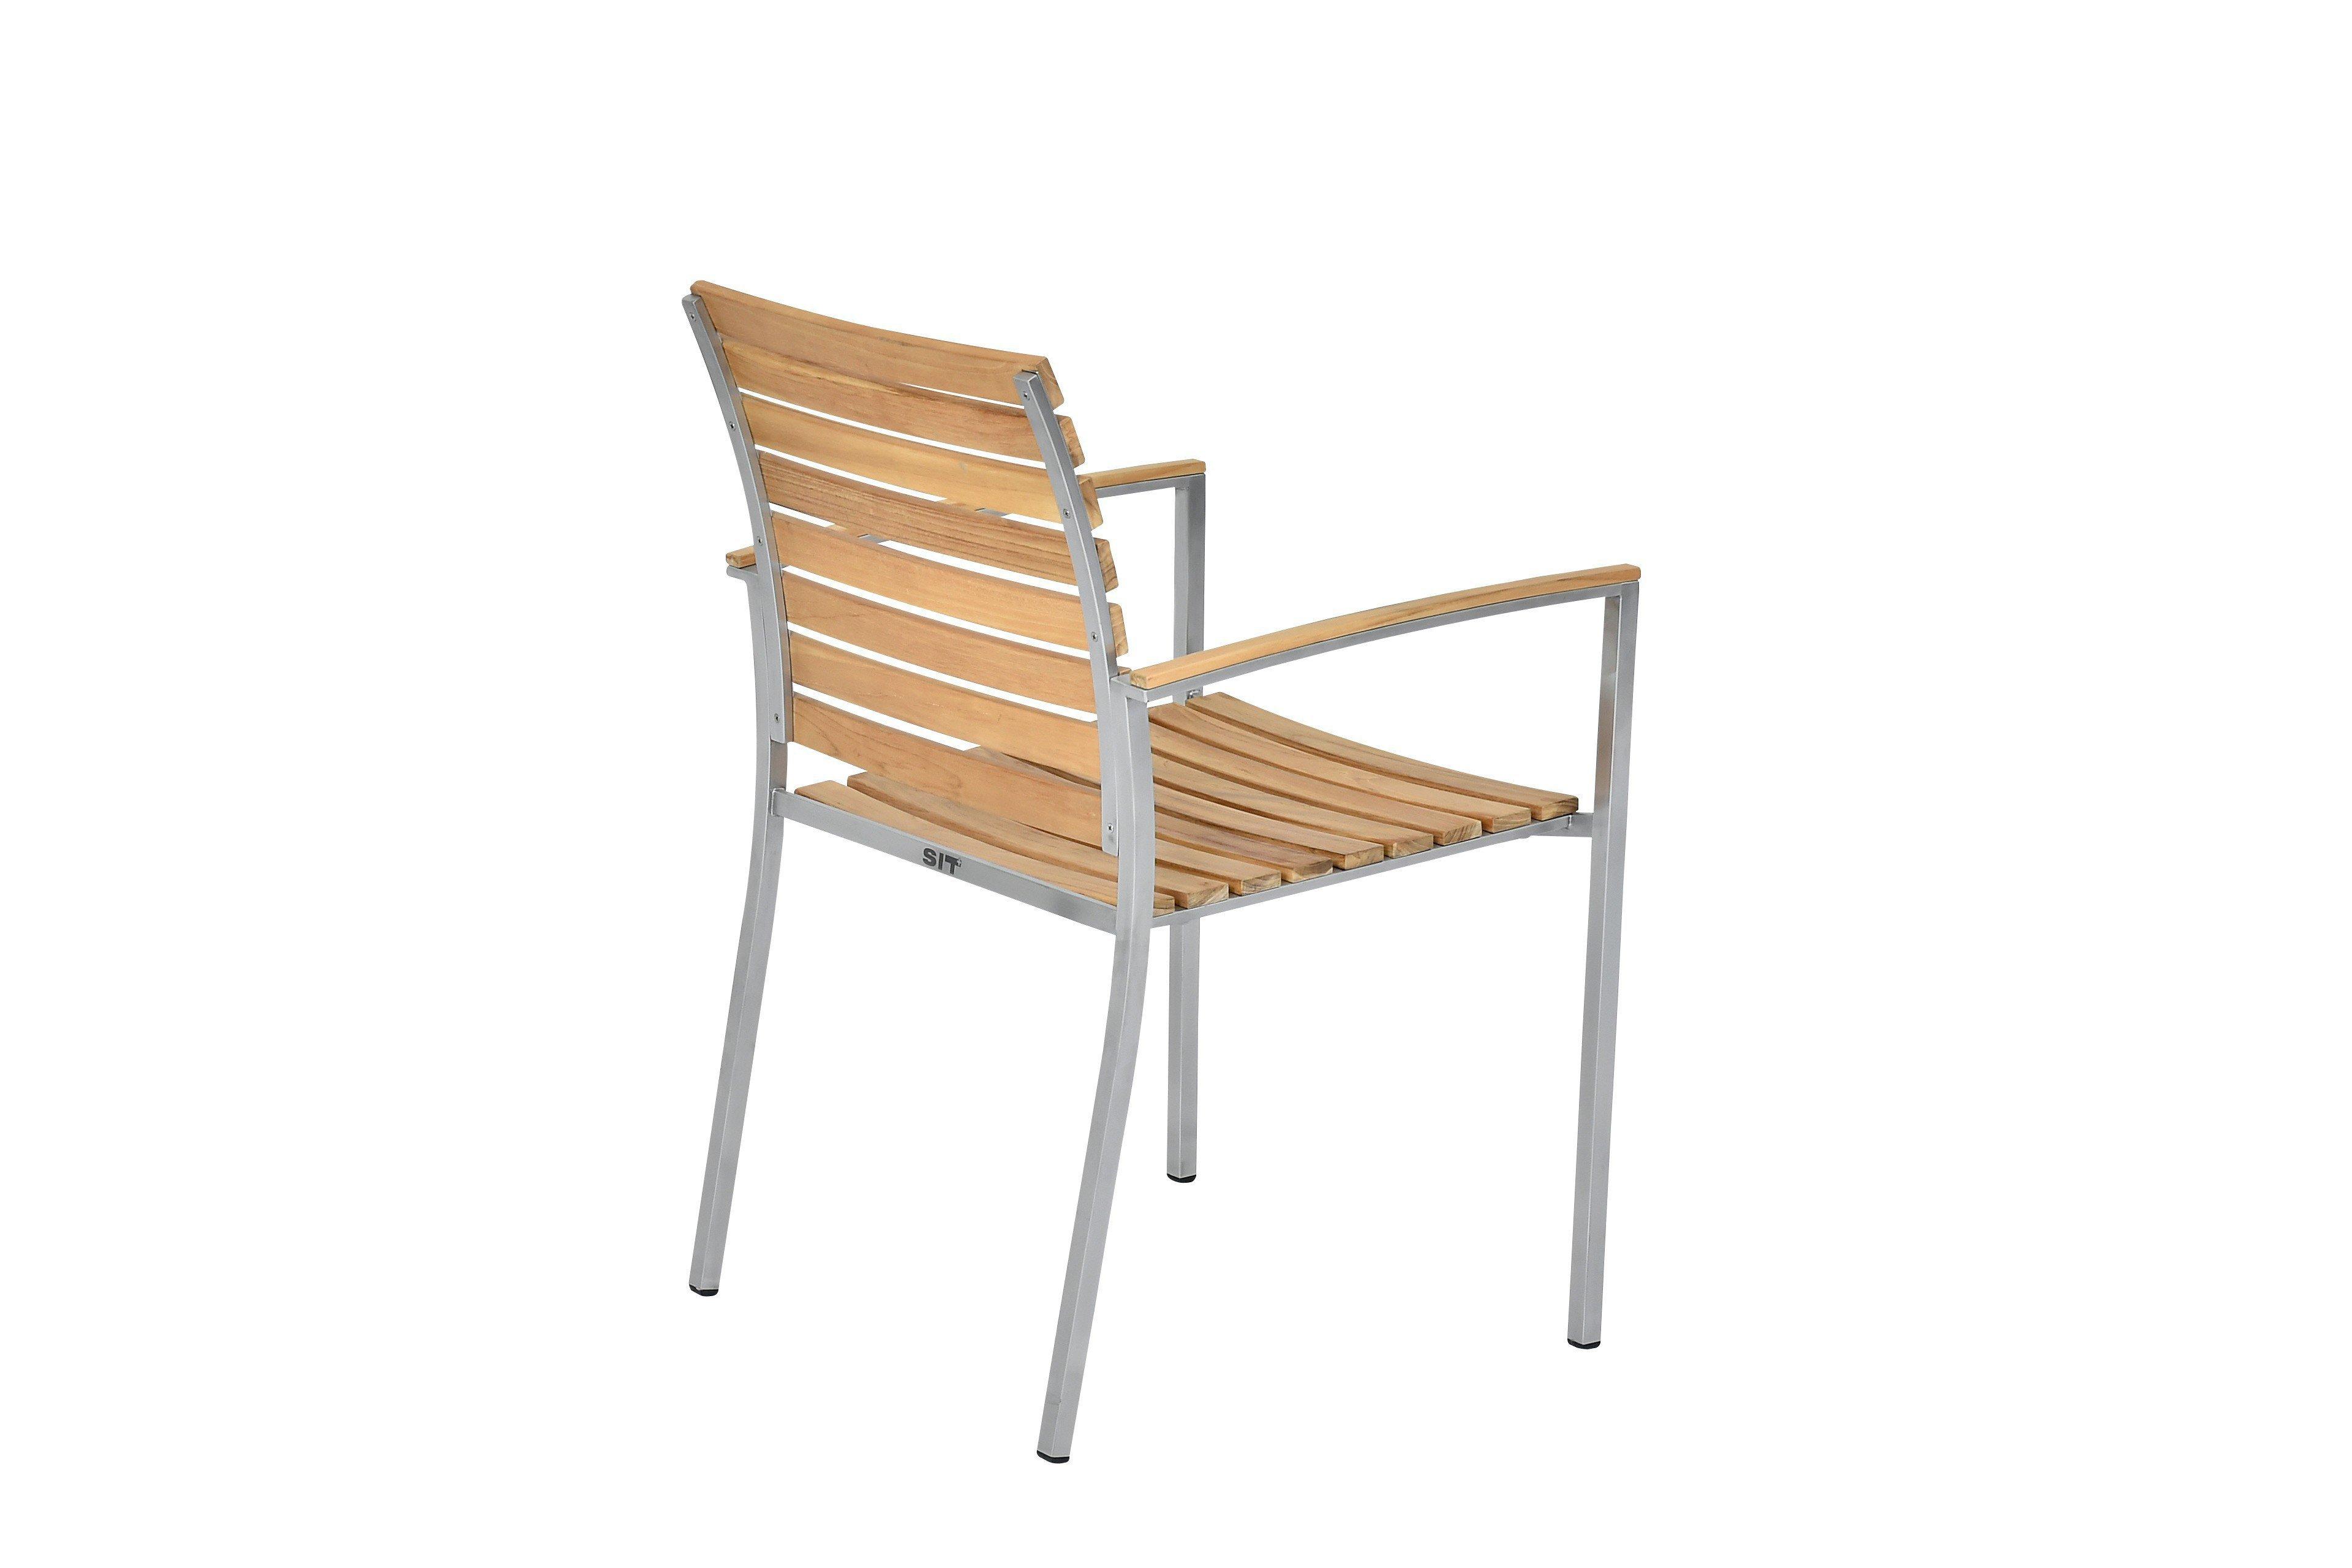 Sit mobilia gartentisch oslo mit ausziehbarer teakplatte for Mobilia 9 6